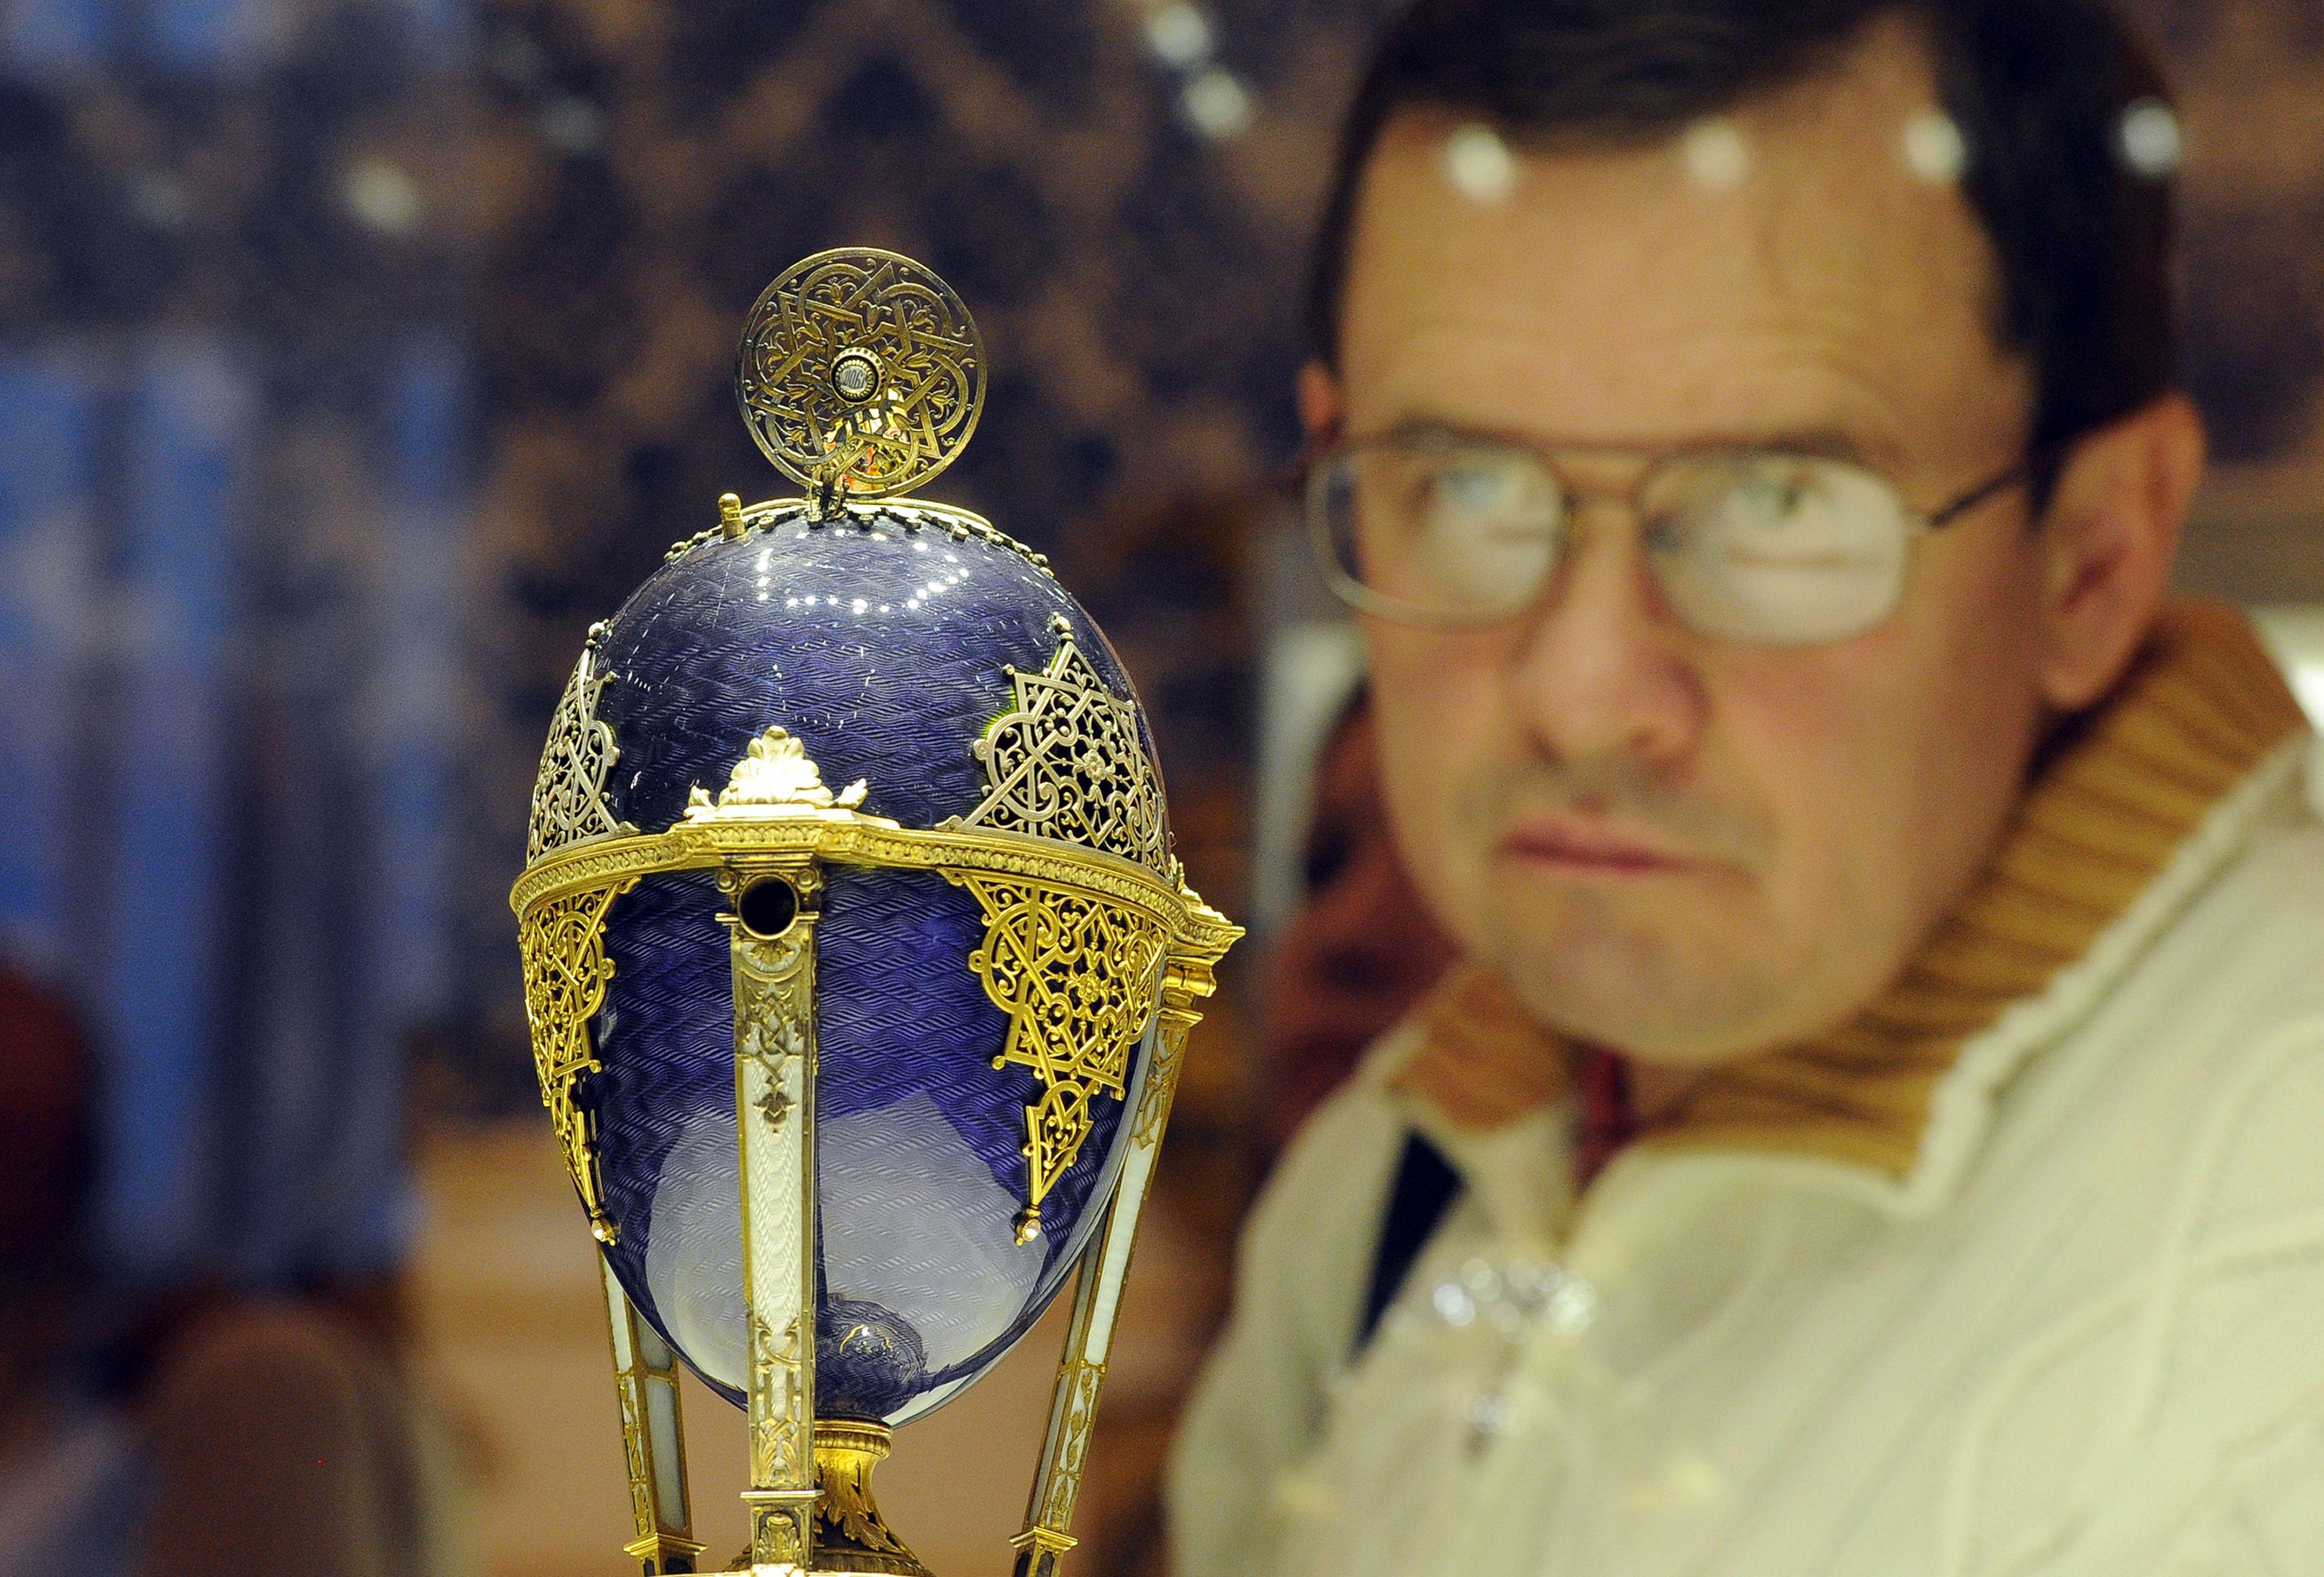 Üks Fabergé muuseumis olev lihavõttemuna